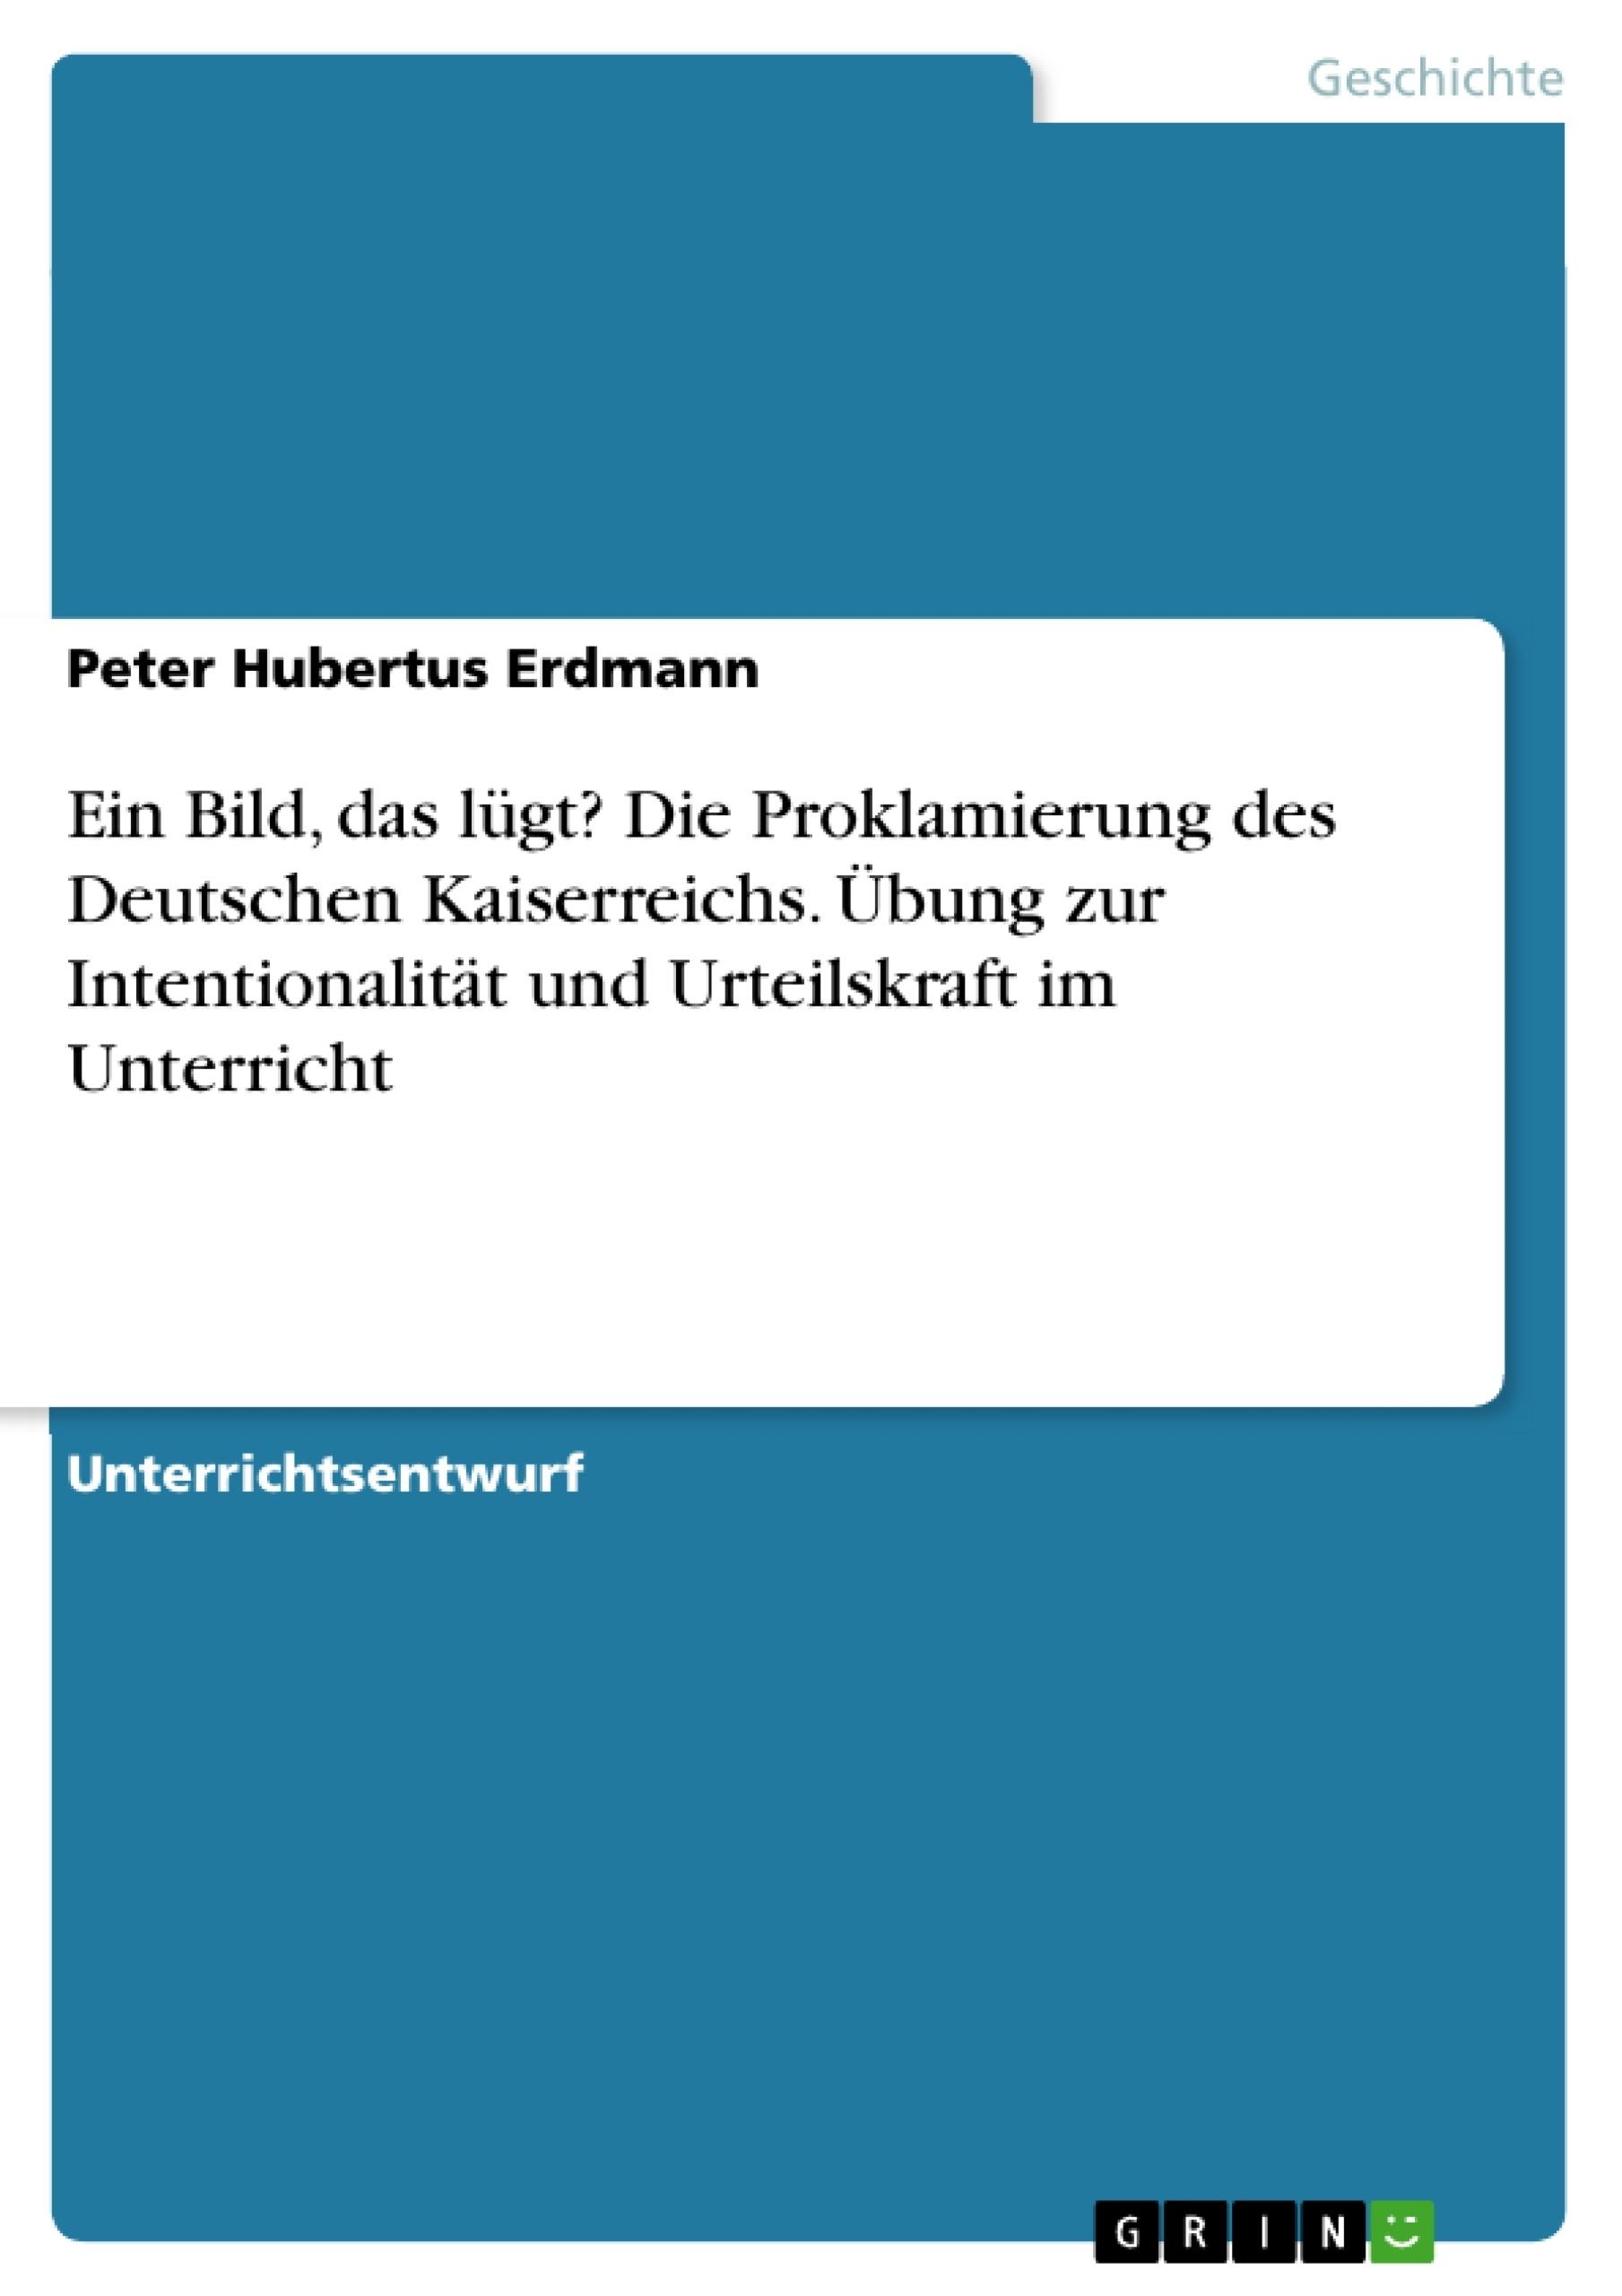 Titel: Ein Bild, das lügt? Die Proklamierung des Deutschen Kaiserreichs. Übung zur Intentionalität und Urteilskraft im Unterricht